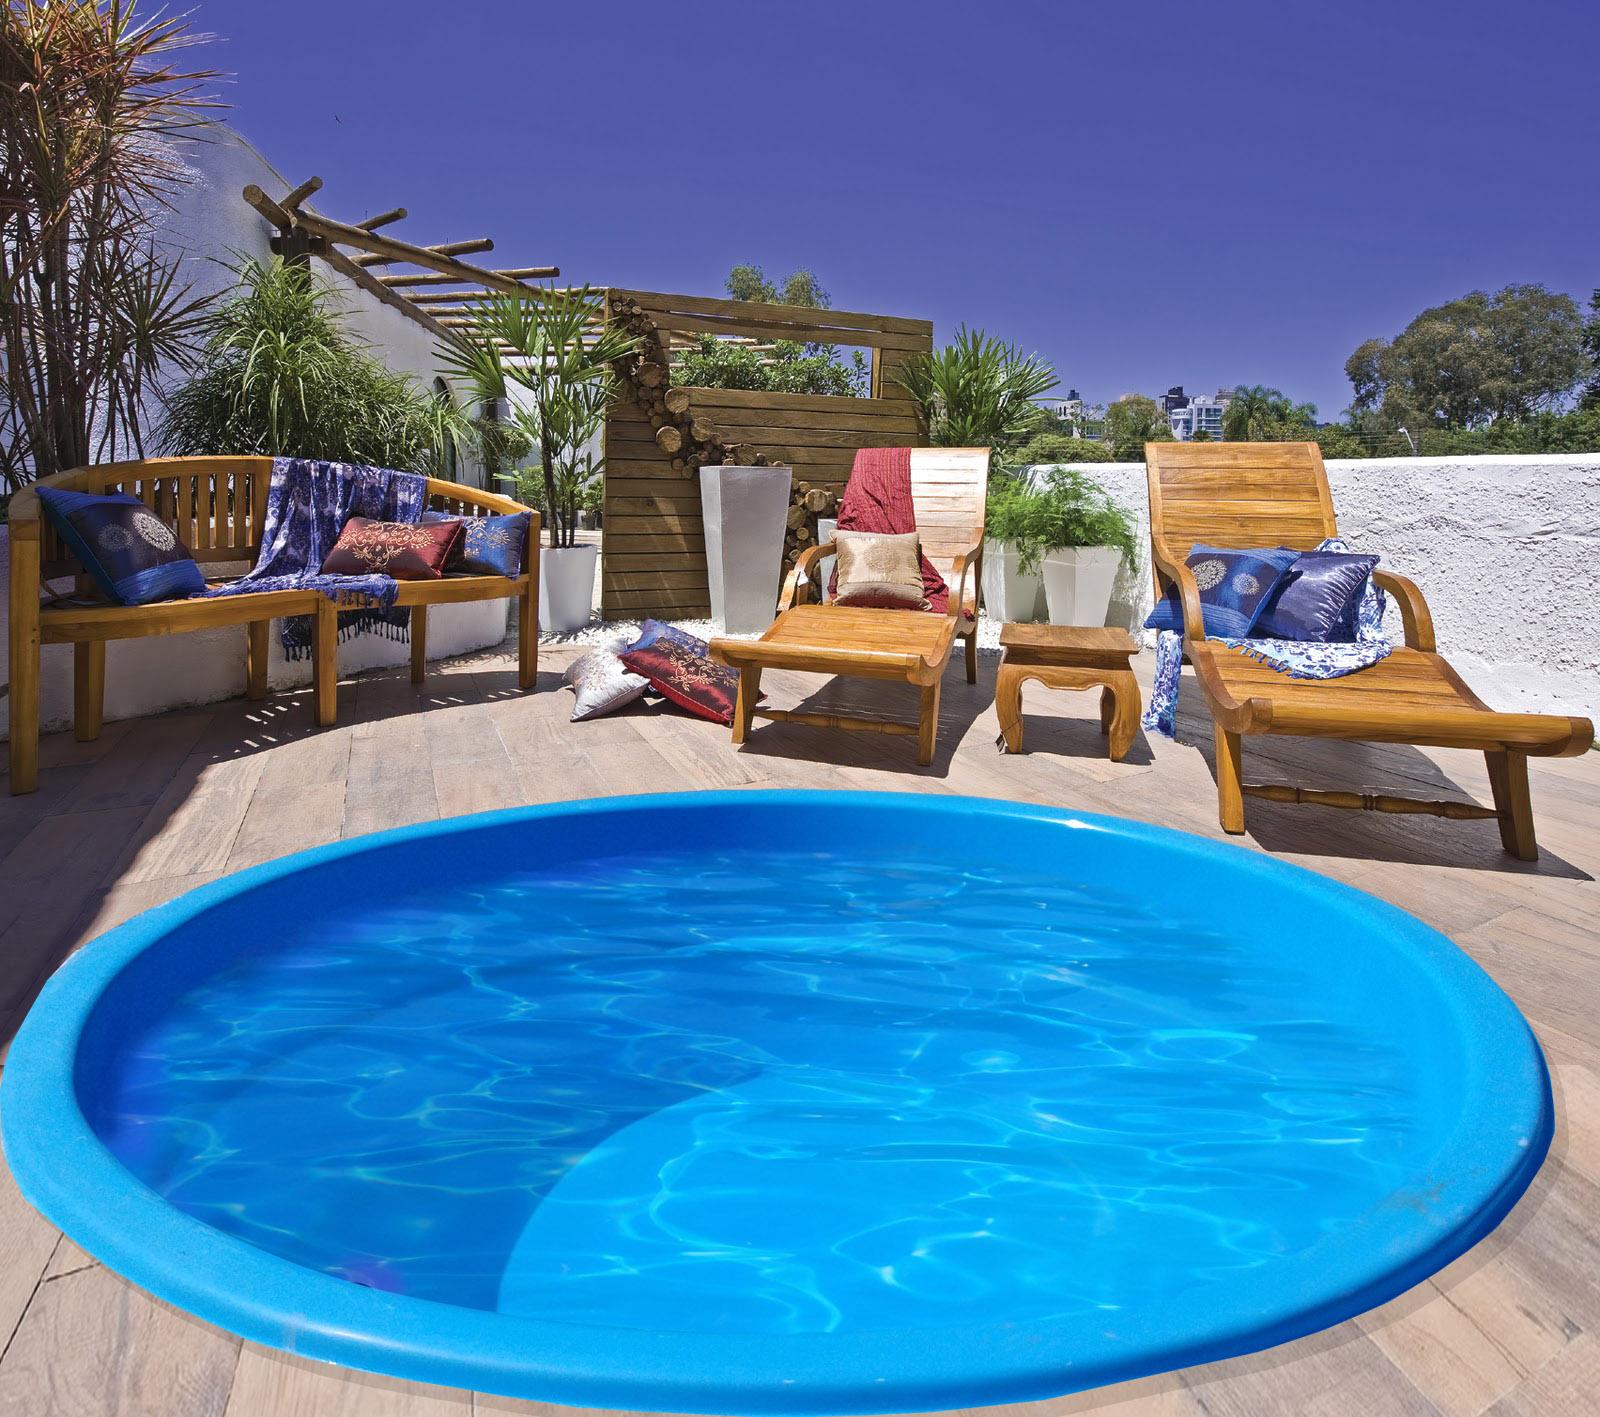 Uniglass spas piscinas e banheiras for Modelos de piscinas recreativas